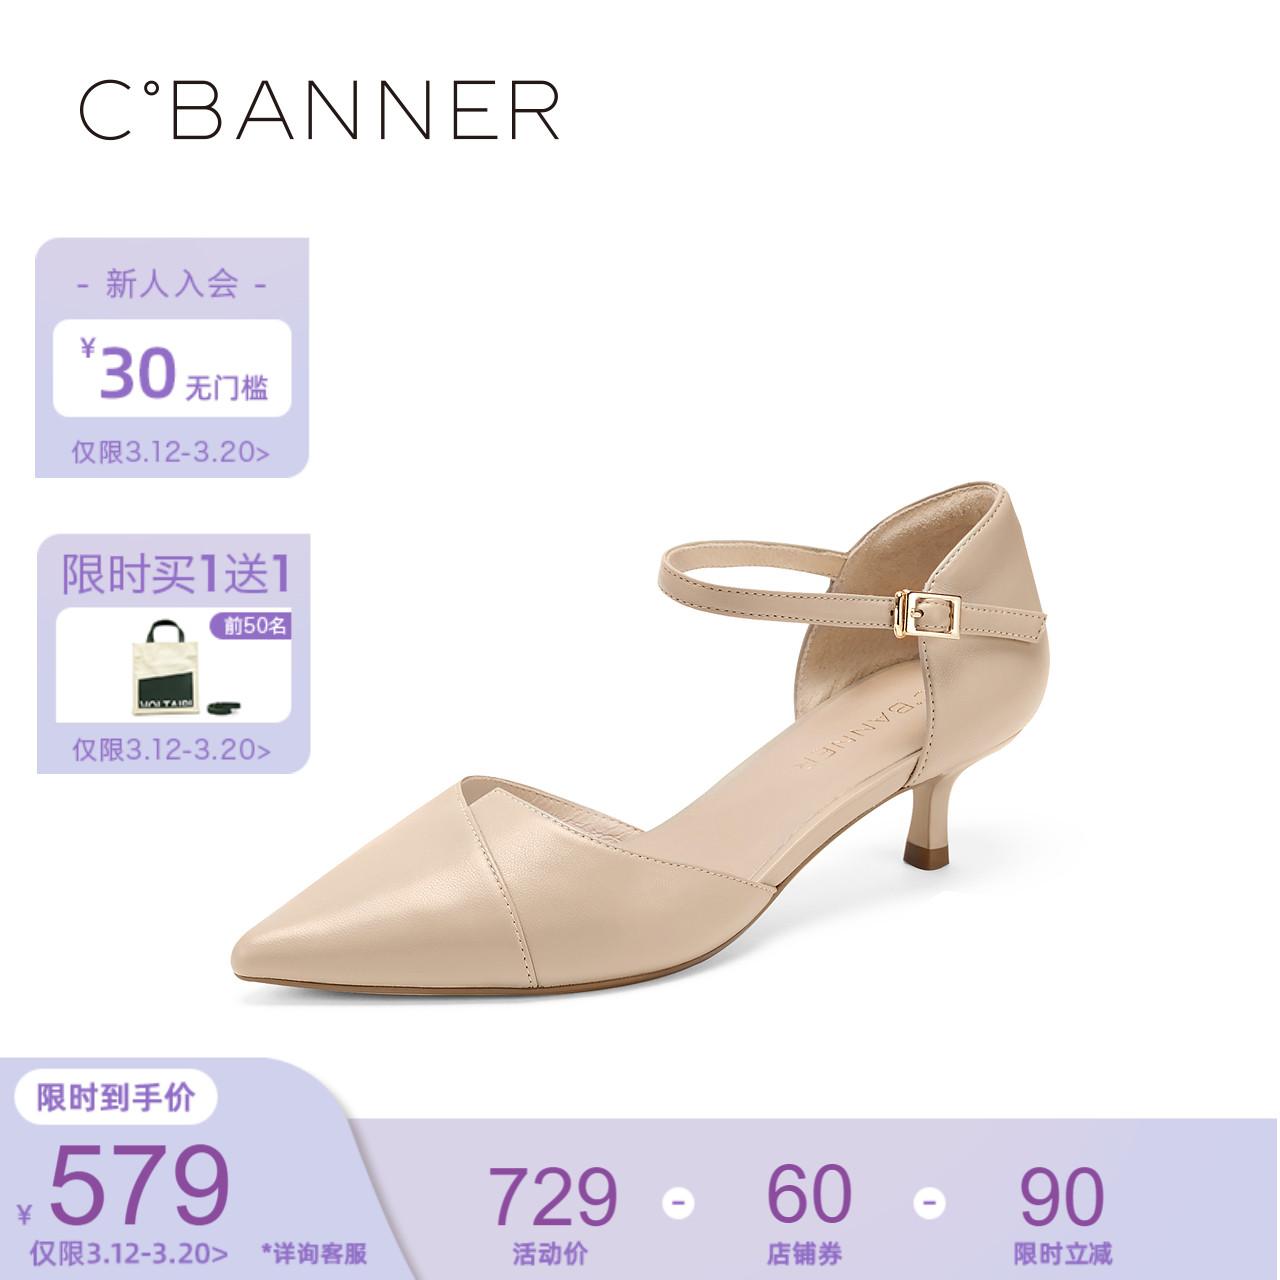 新款女鞋通勤气质优雅单鞋 2021 千百度女鞋一字式扣带尖头高跟鞋